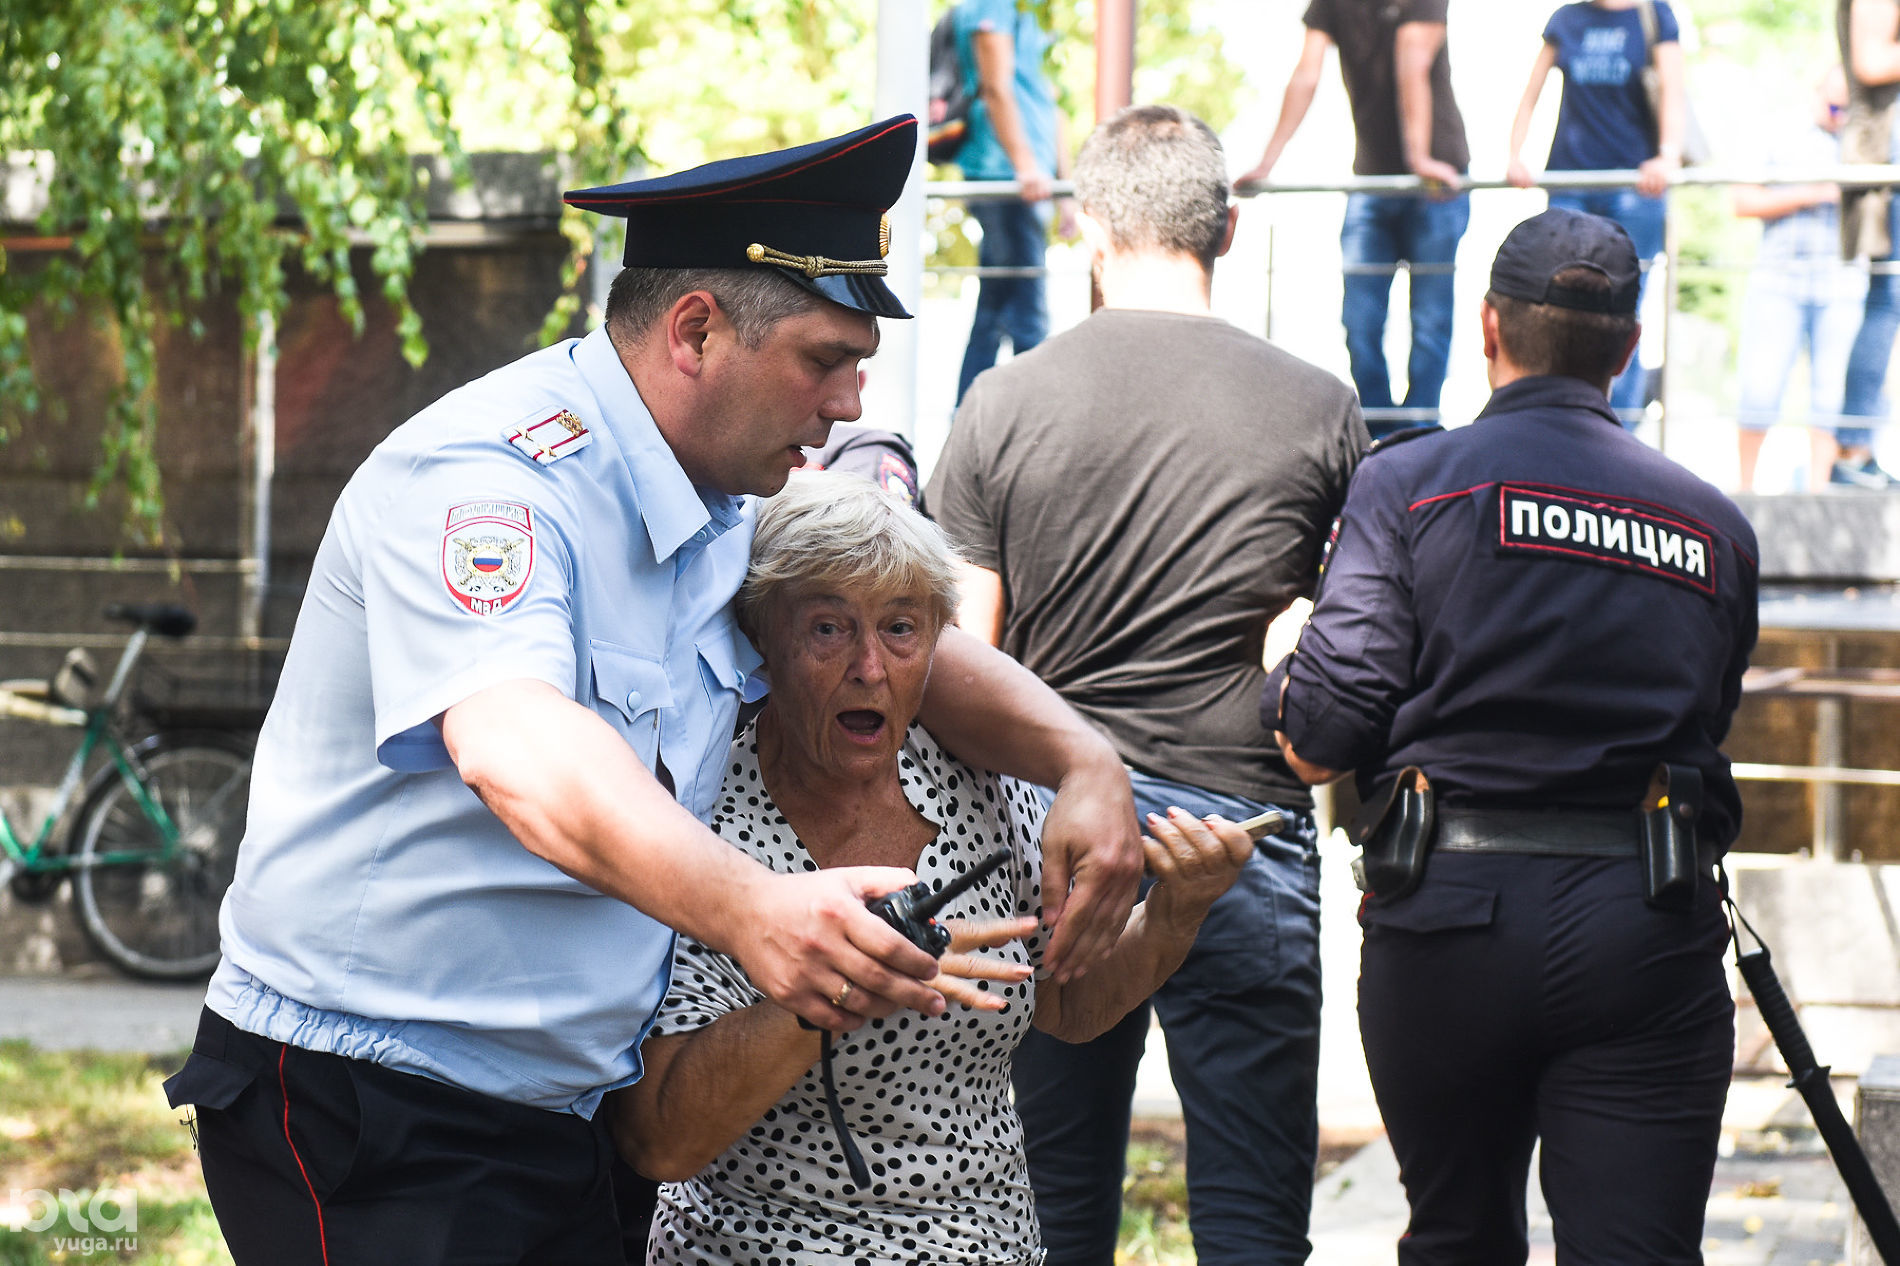 Протестная акция против пенсионной реформы в Краснодаре 9 сентября 2018 года ©Фото Елены Синеок, Юга.ру